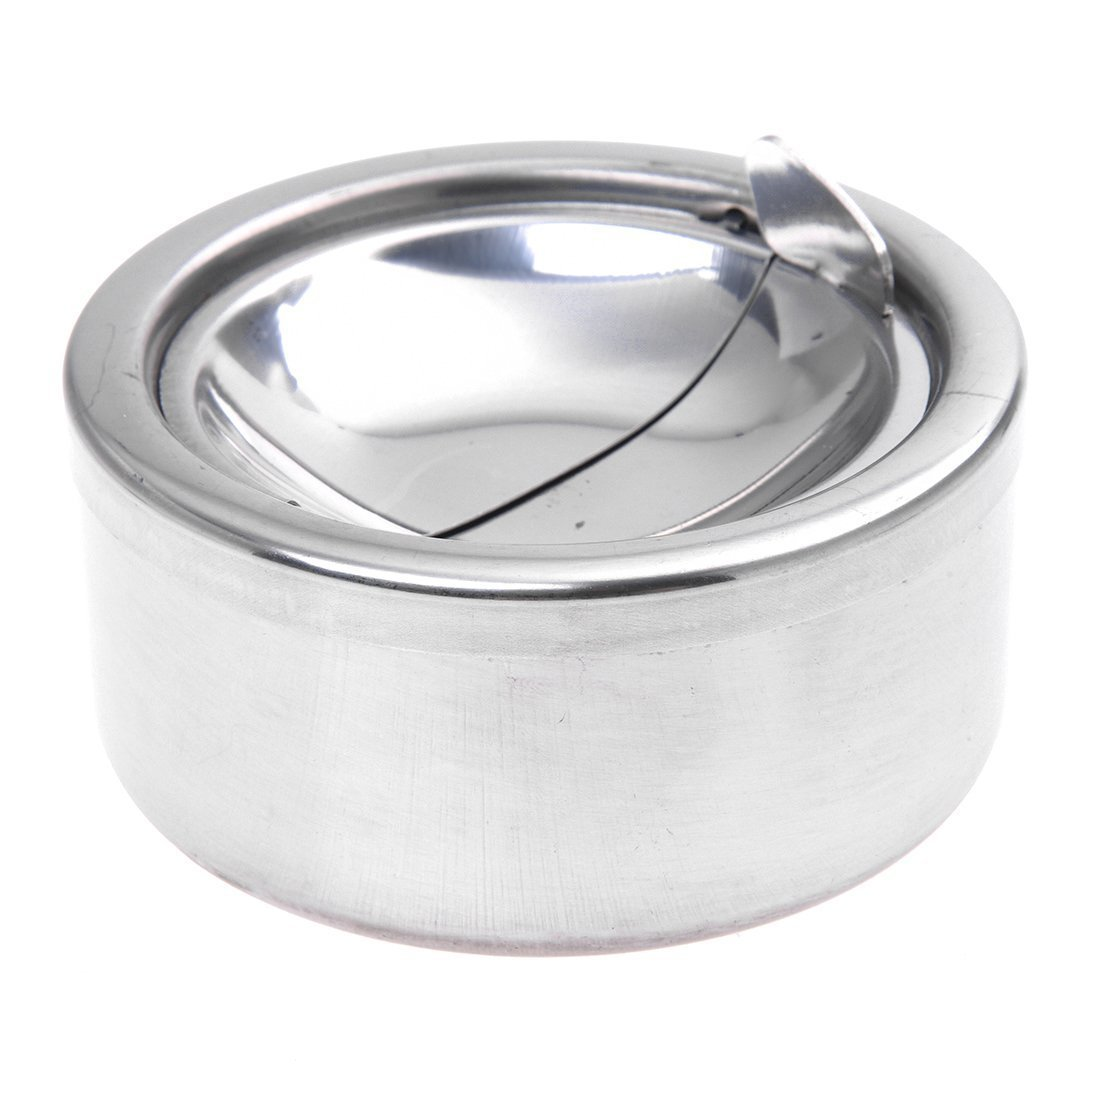 Posacenere coperchio incernierato Ascher Altezza 5,5 cm di diametro: 12 cm R SODIAL Portacenere